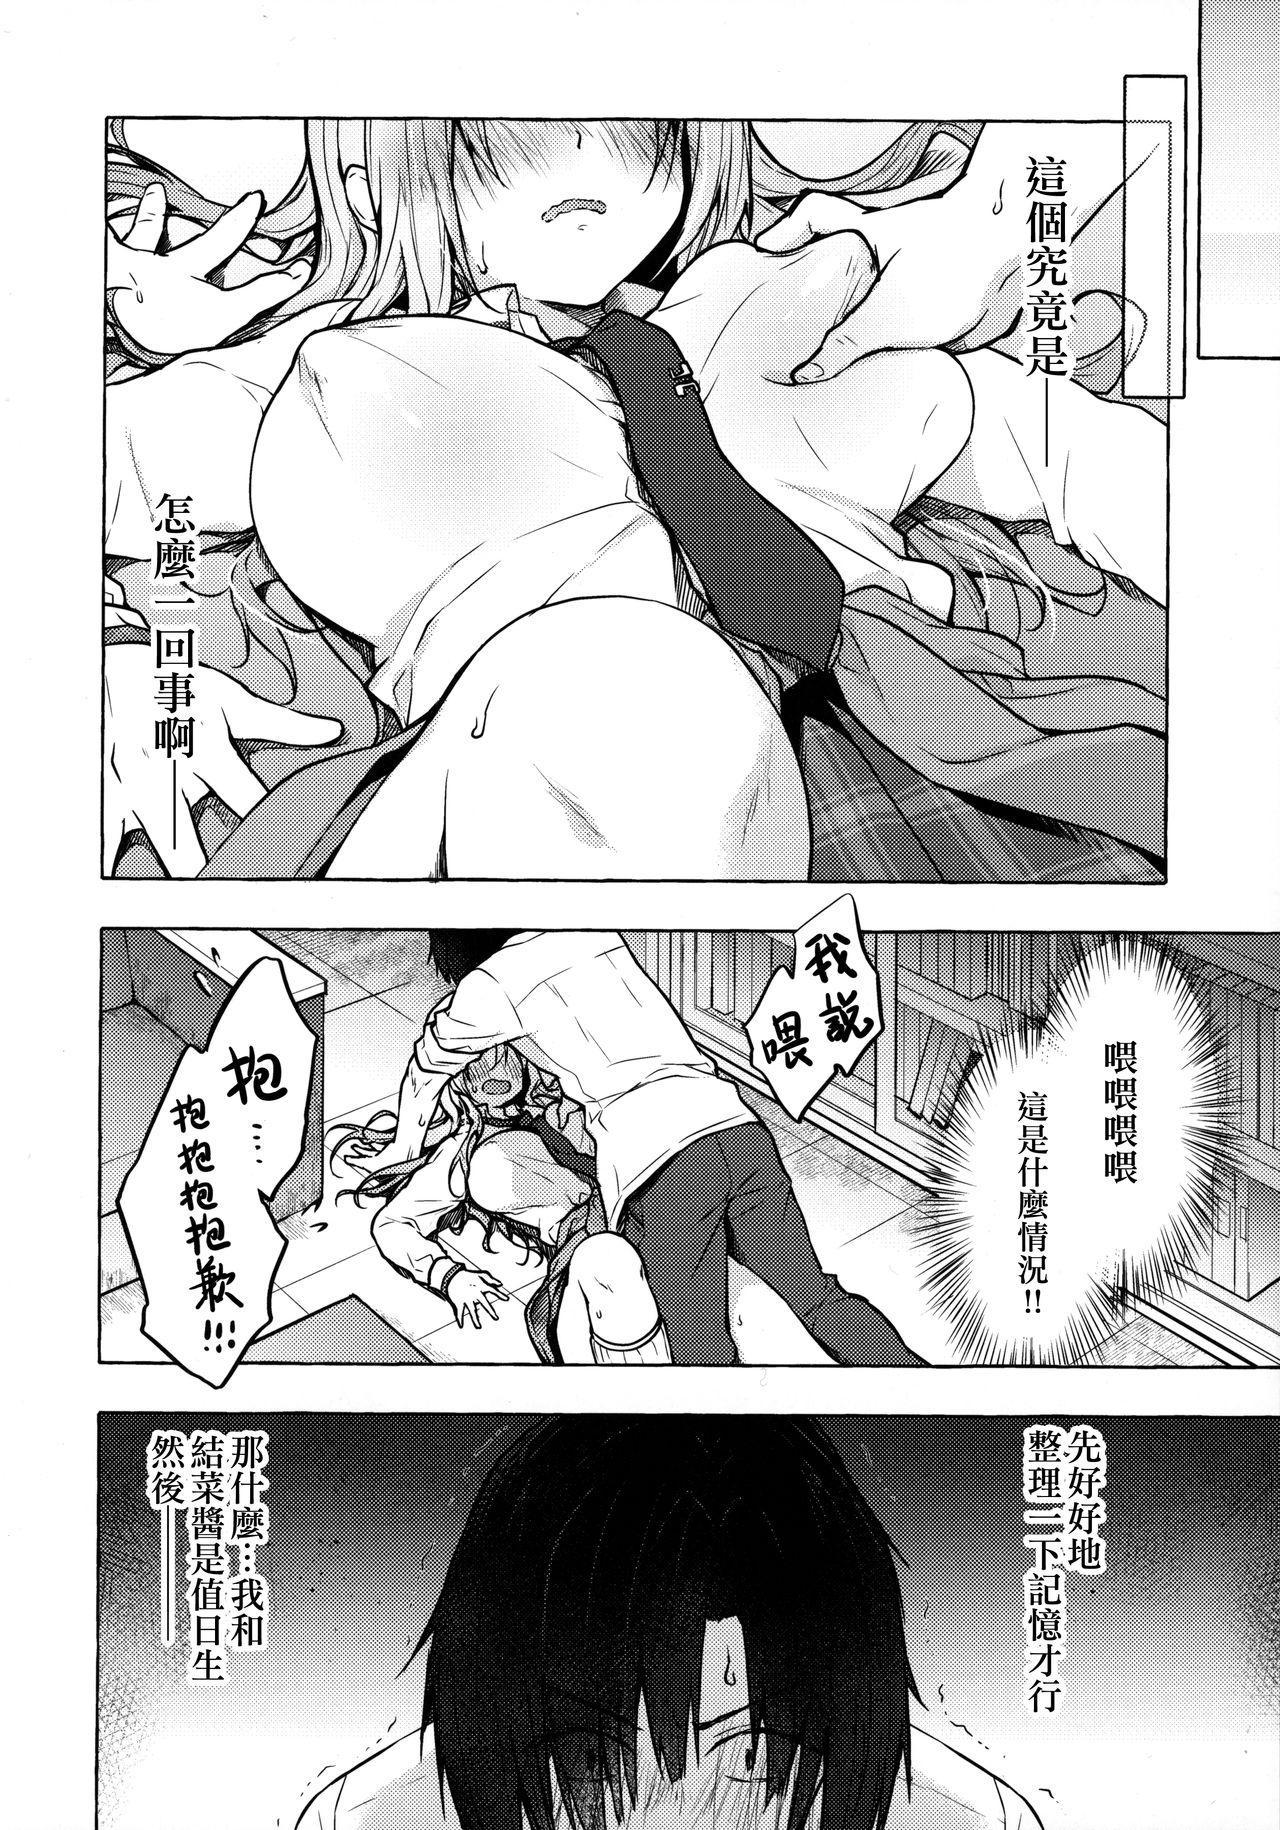 (C96) [Kinokonomi (konomi)] Gal Yuina-chan to Ecchi -Kataomoi no Kanojo ga Boku ni Sekimen!?- [Chinese] [兔司姬漢化組] 7